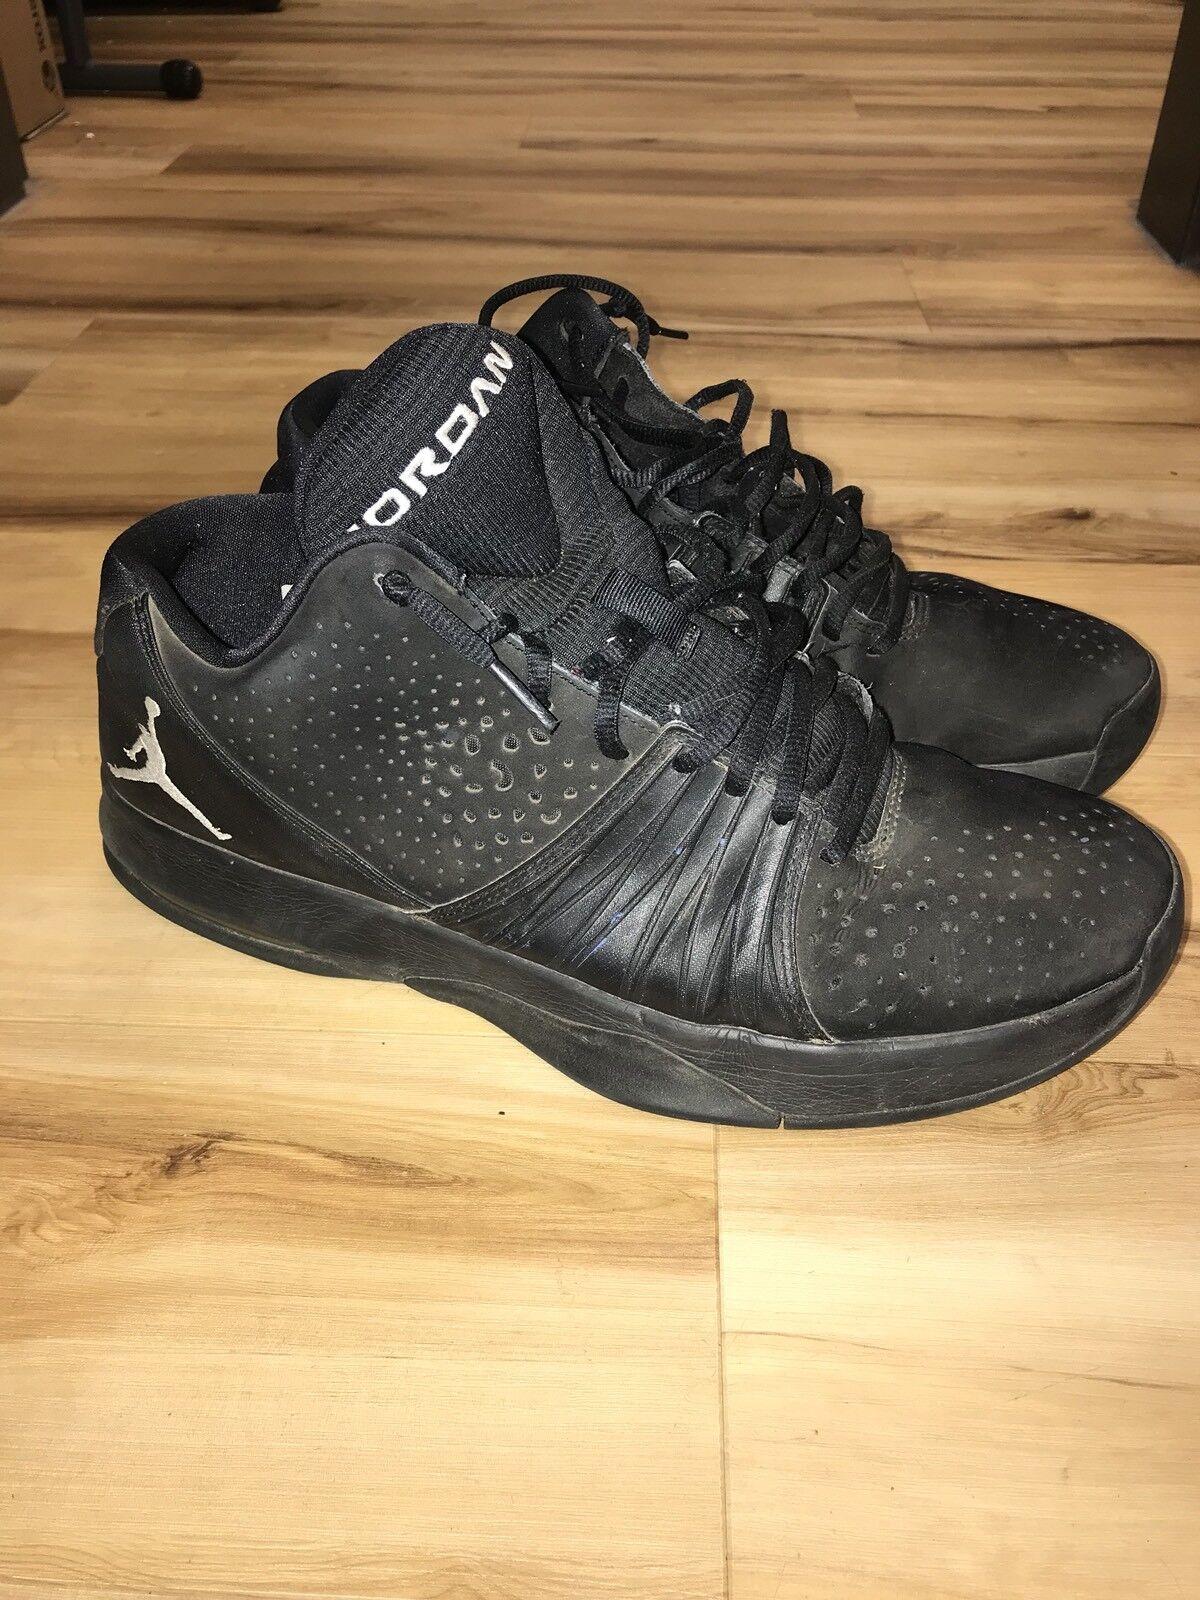 Nike Air Jordan Men's Athletic Shoes Comfortable Great discount